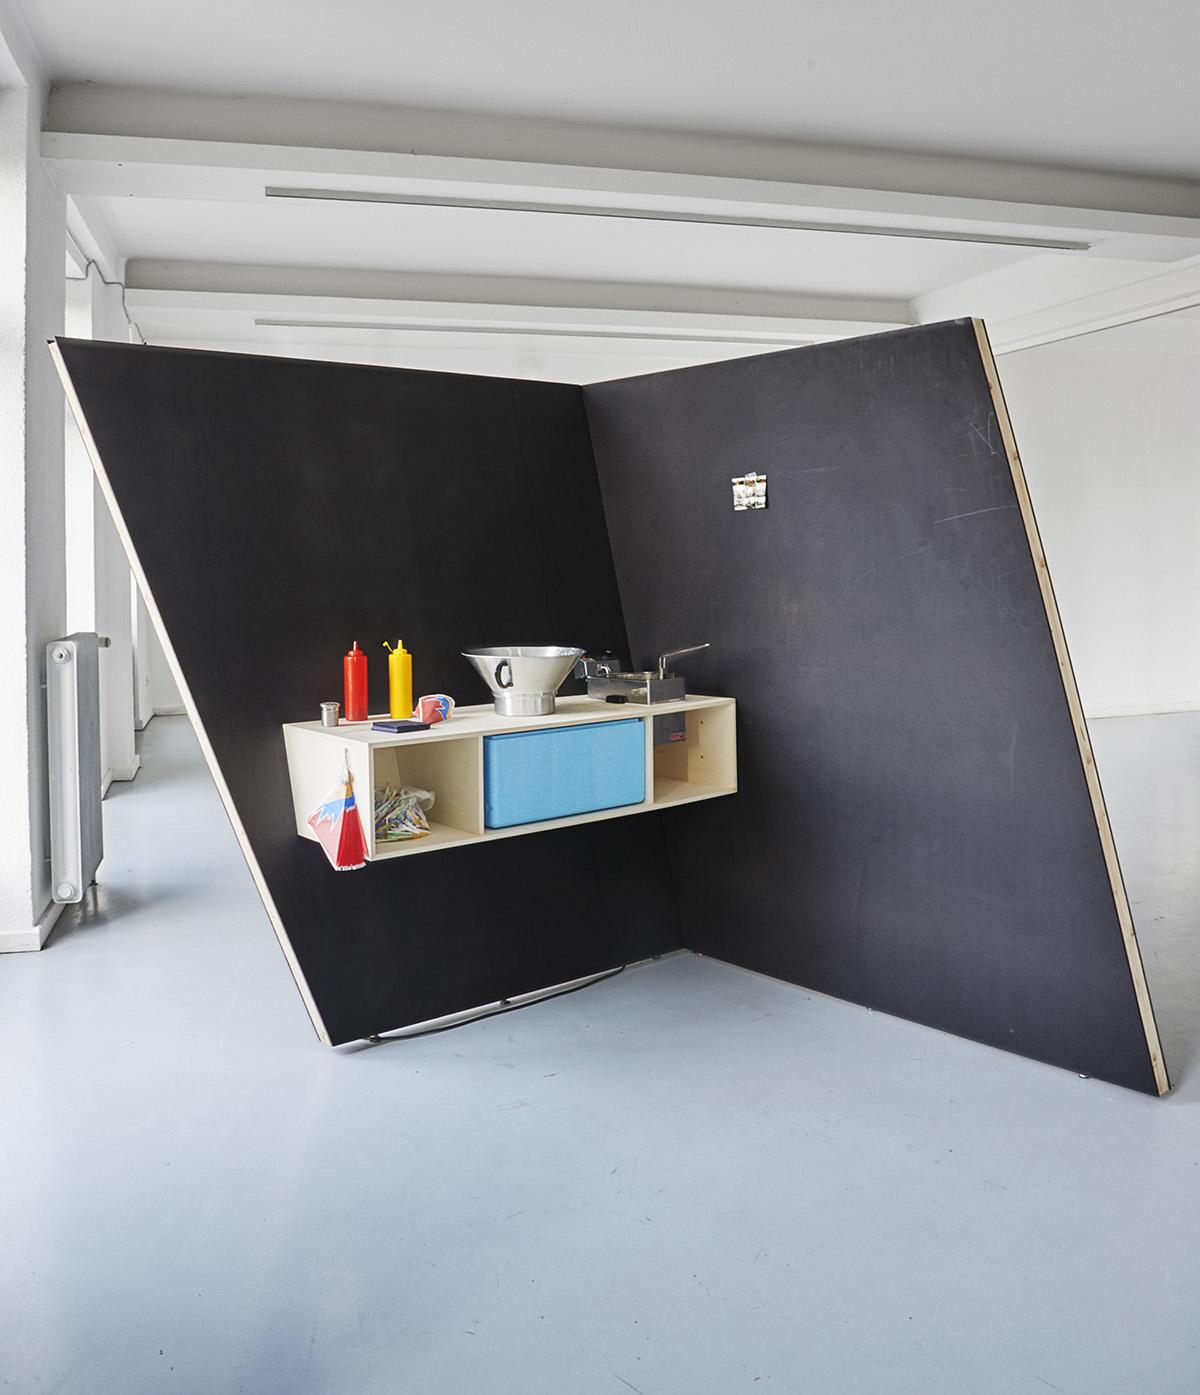 Pio Rahner, Fettecke, 2011, kein wort zu viel, Kunstverein Ettlingen, Folkwang, Muller, Lipps, tien phan, Taleb, Sturm, Nadeno, Kölmel, Barth,